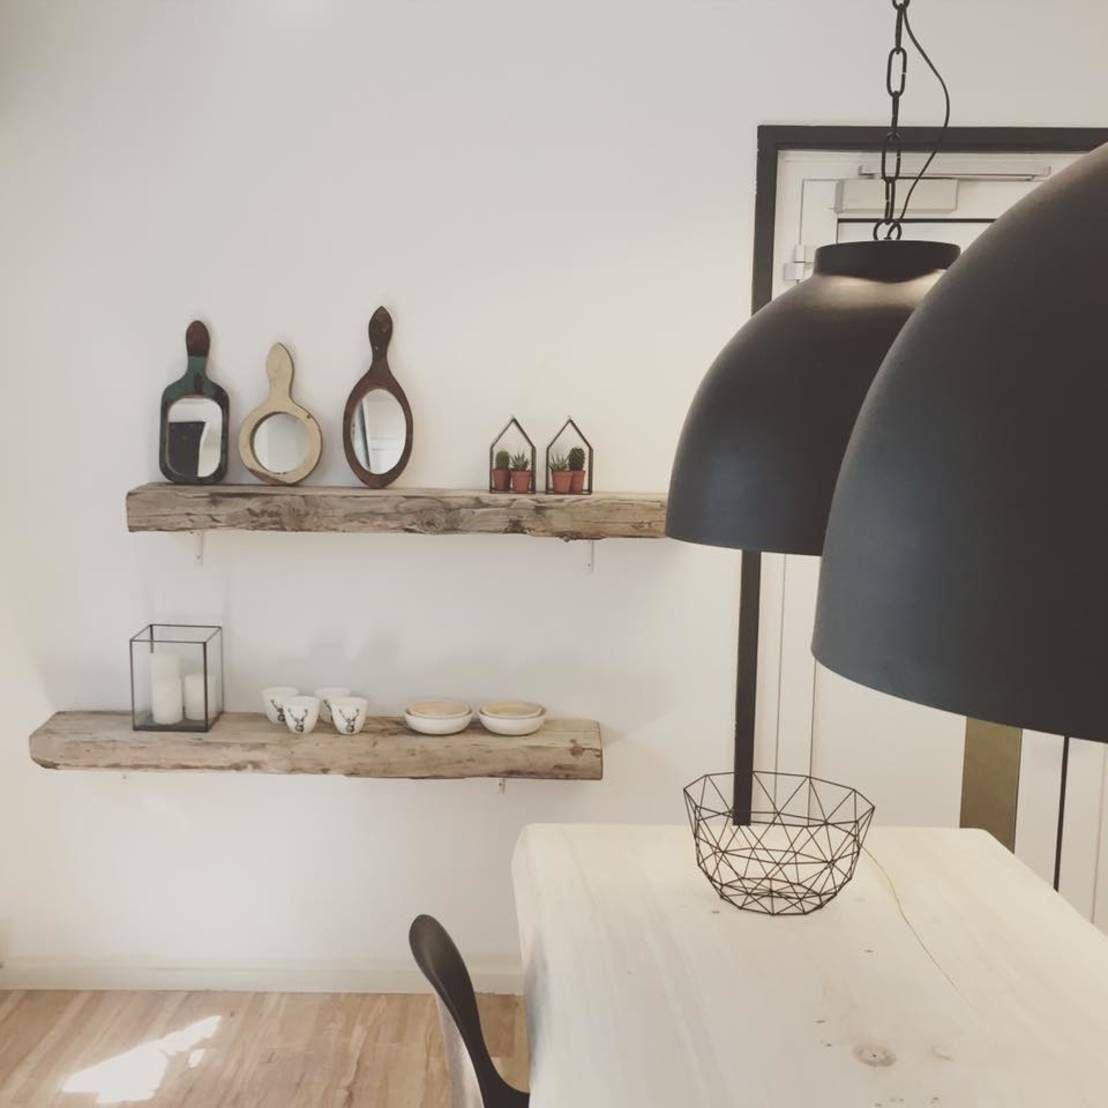 Houten Plank Voor Aan De Muur.Bijzondere Houten Planken Aan De Muur Meubels Diy Room Decor